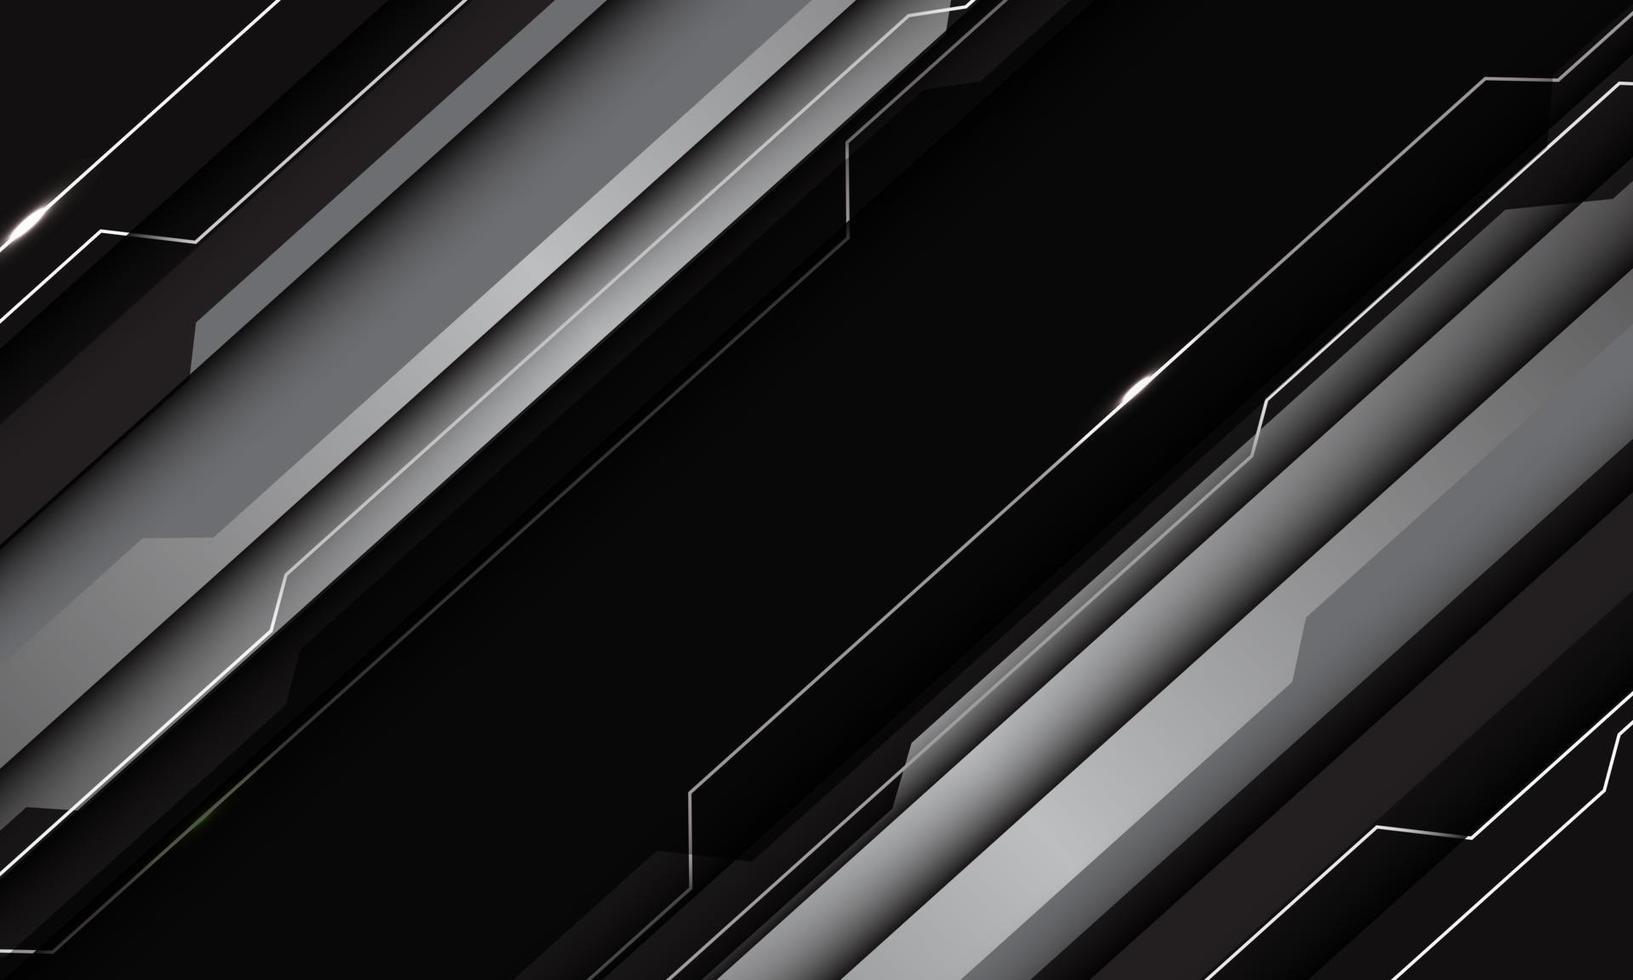 abstrakt silvergrå svart metallisk geometrisk teknik cyberkretslinje futuristisk snedstreck design modern vektorillustration. vektor